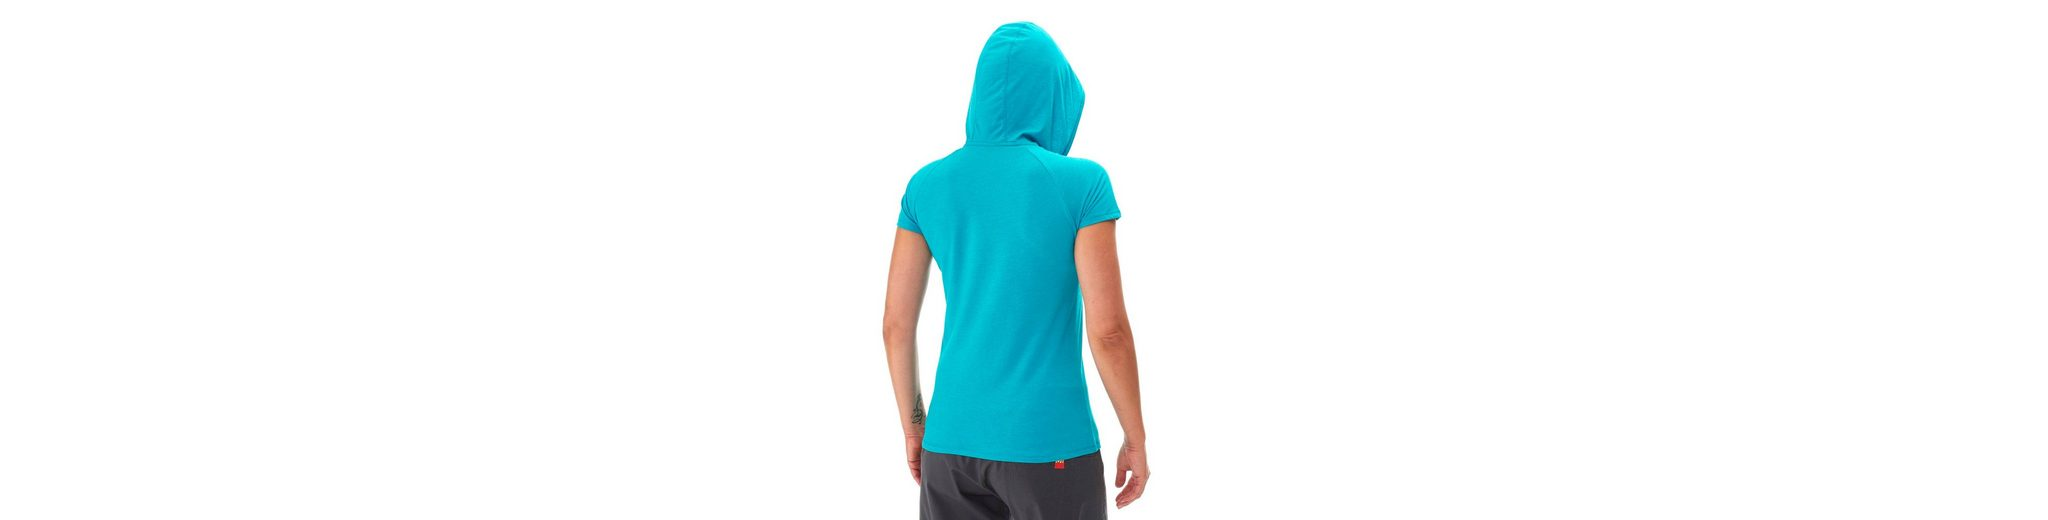 Millet T-Shirt LD Mada Roc Hoodie SS Women Ebay Günstiger Preis Auslassstellen Günstiger Preis Vorbestellung Online-Shopping-Outlet Verkauf nCNQCBWg